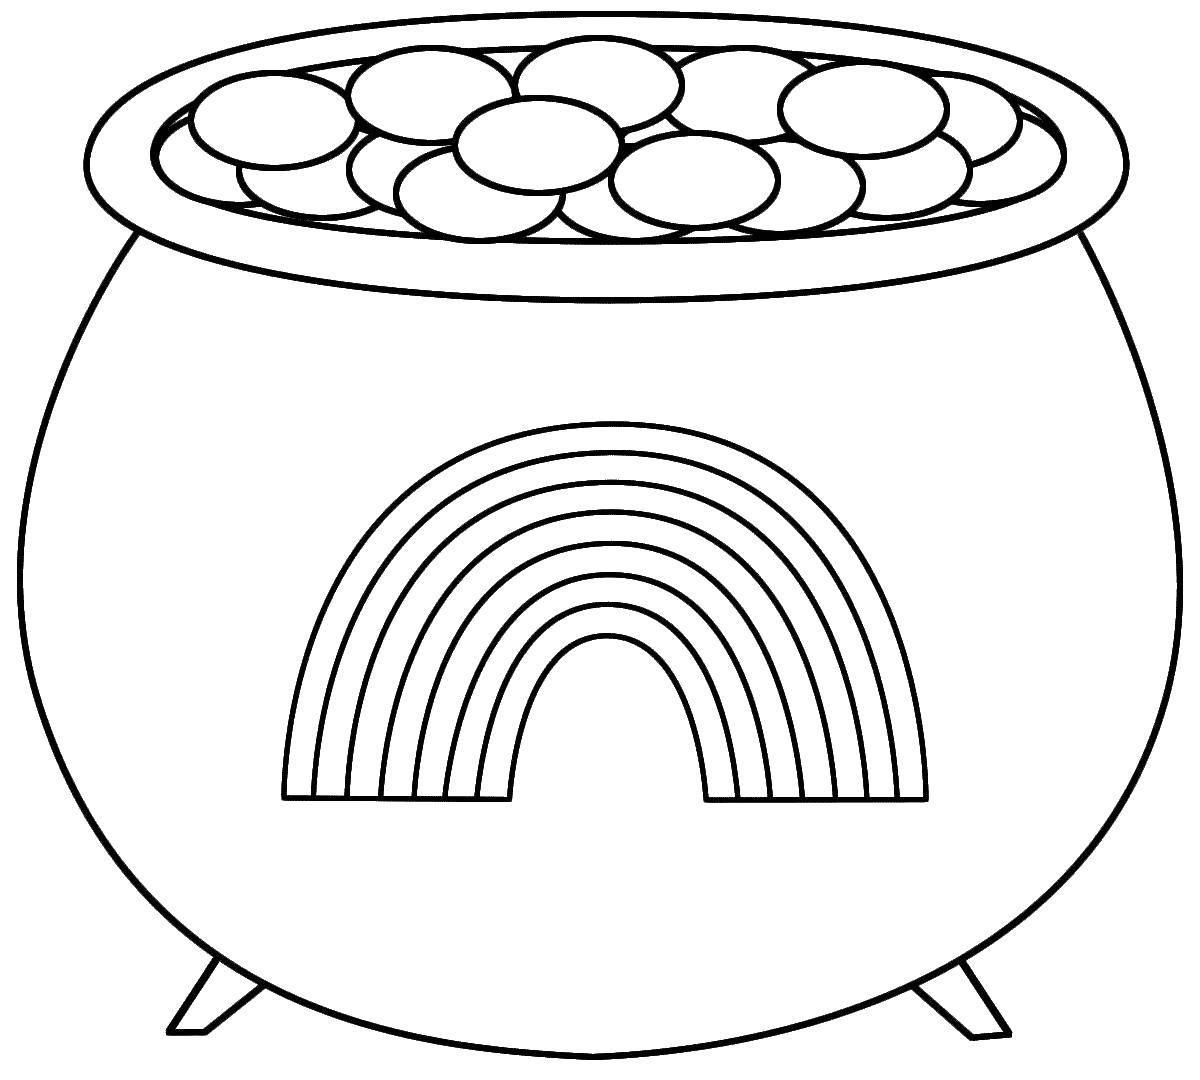 Раскраска Котелок с монетами. Скачать радуга, котелок, монеты, лепреконы.  Распечатать ,Радуга,